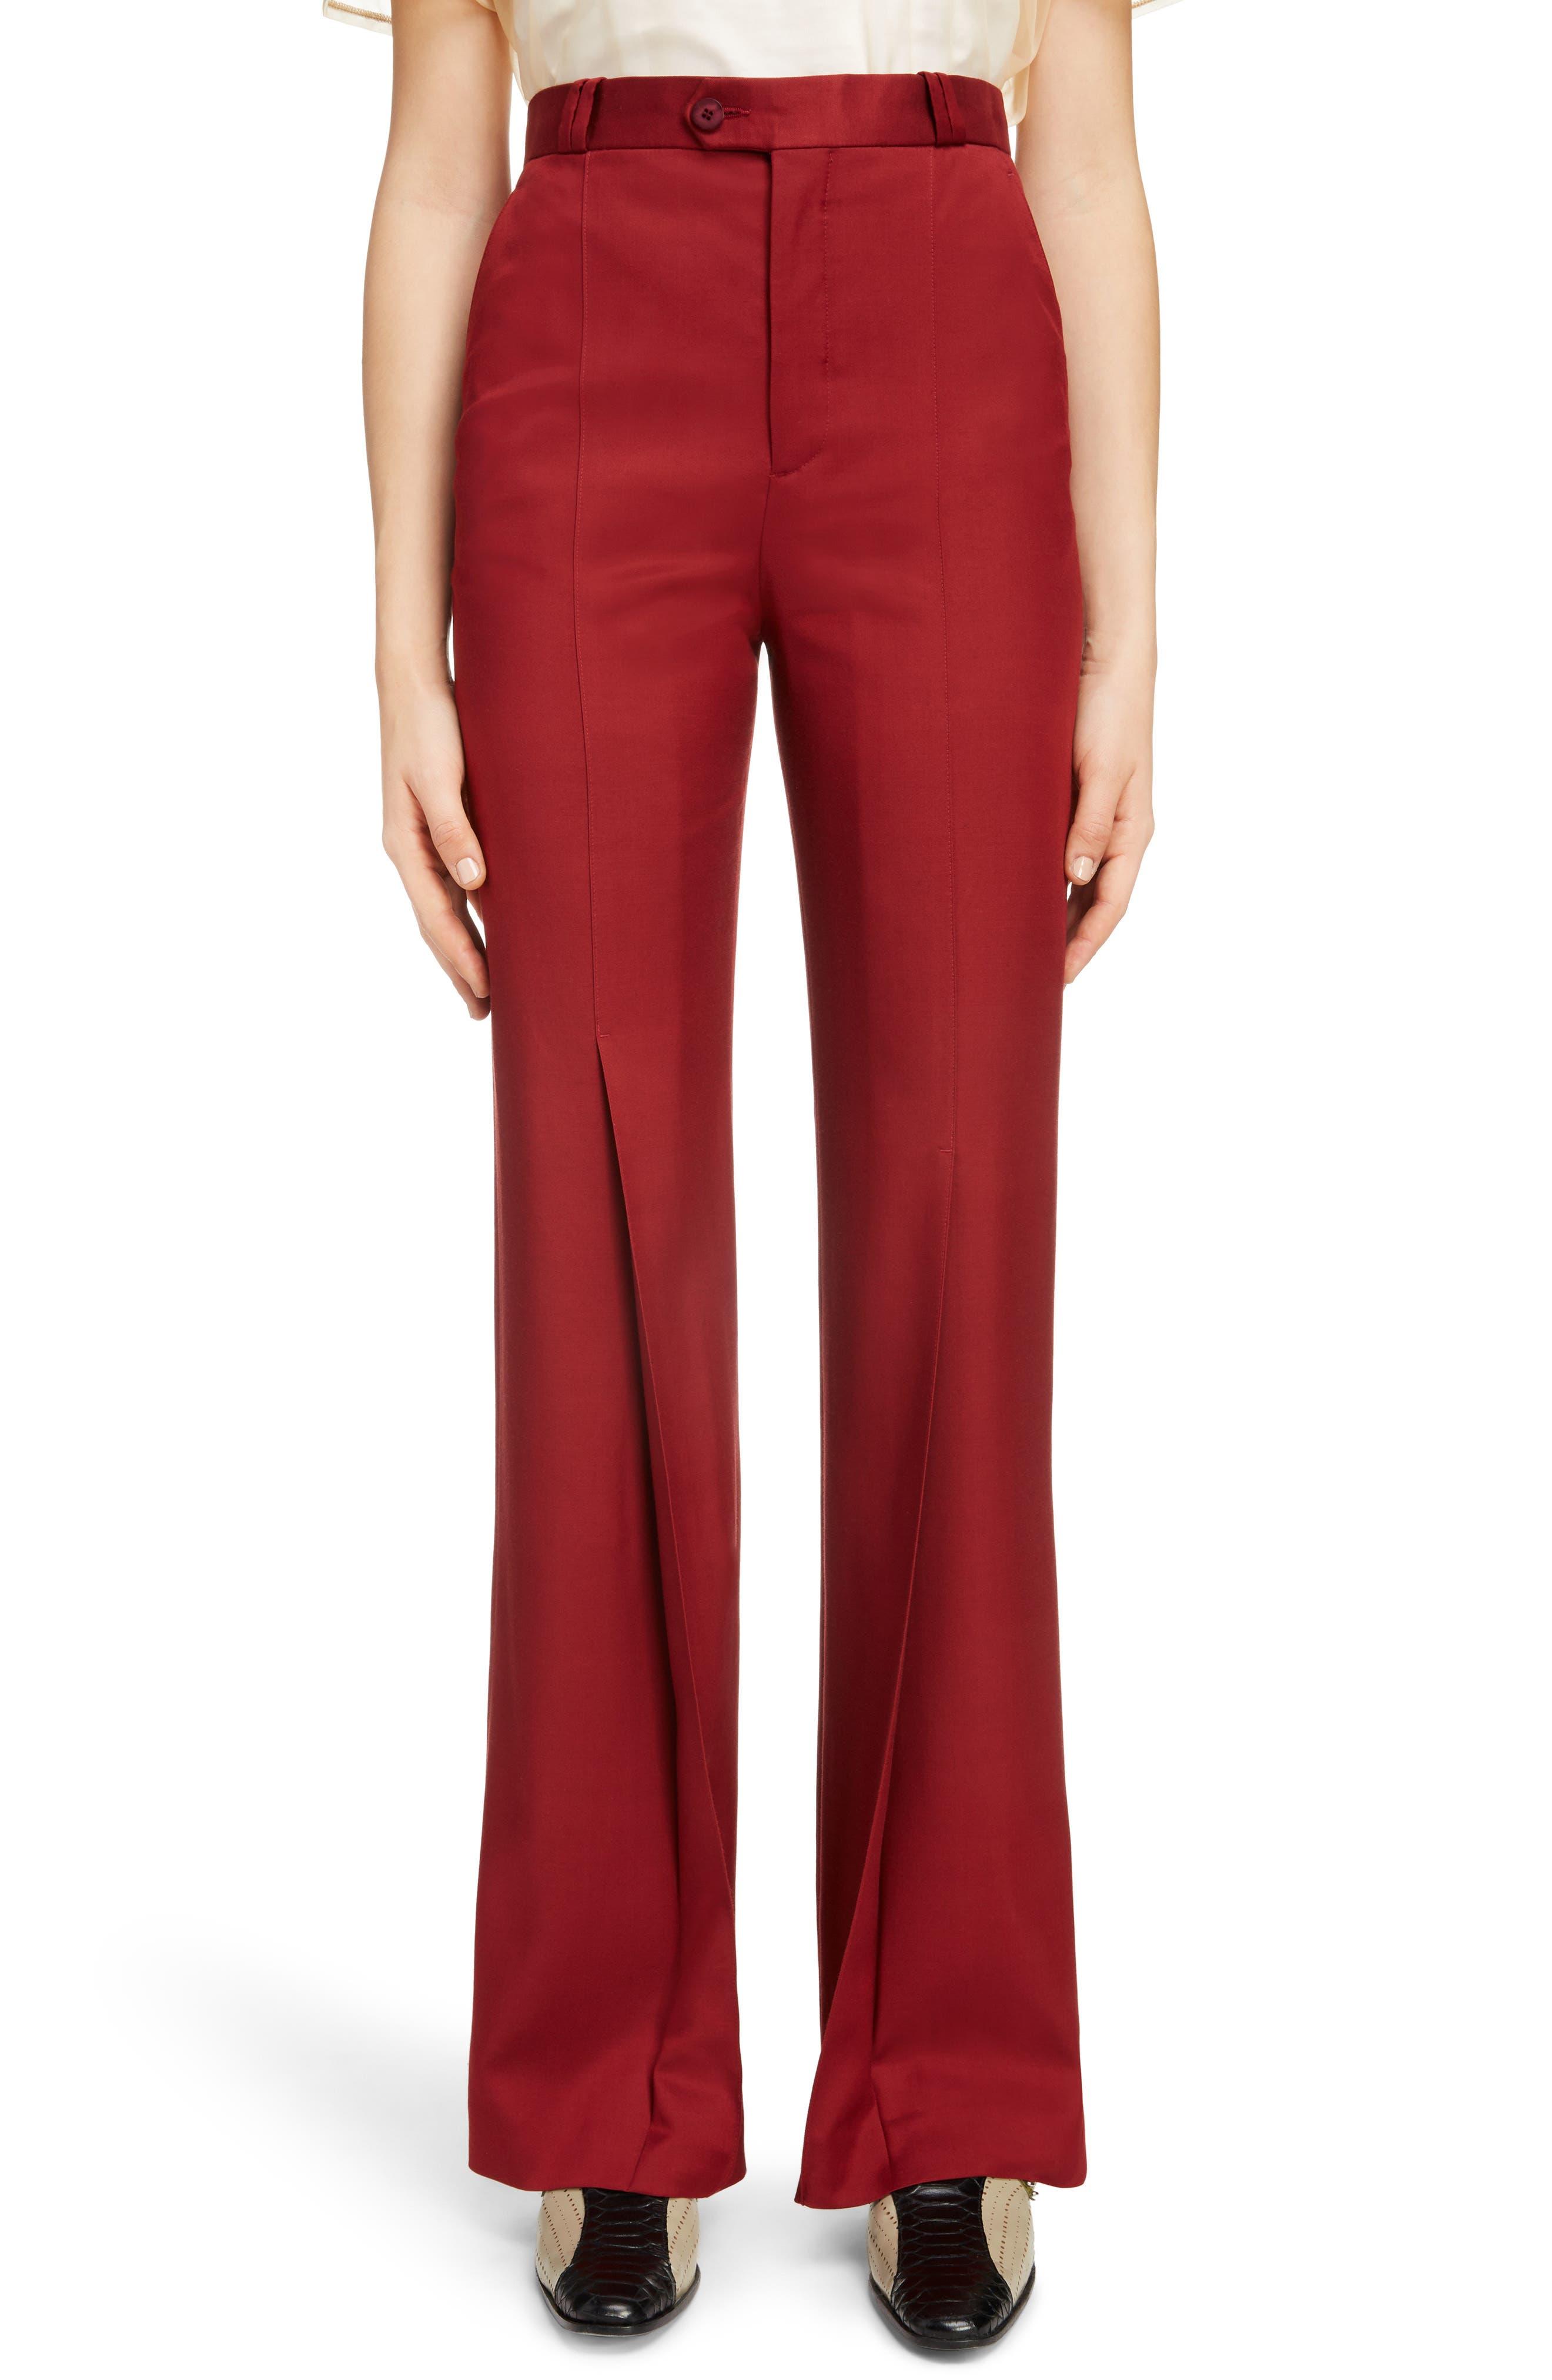 Tohny Suit Pants,                             Main thumbnail 1, color,                             930